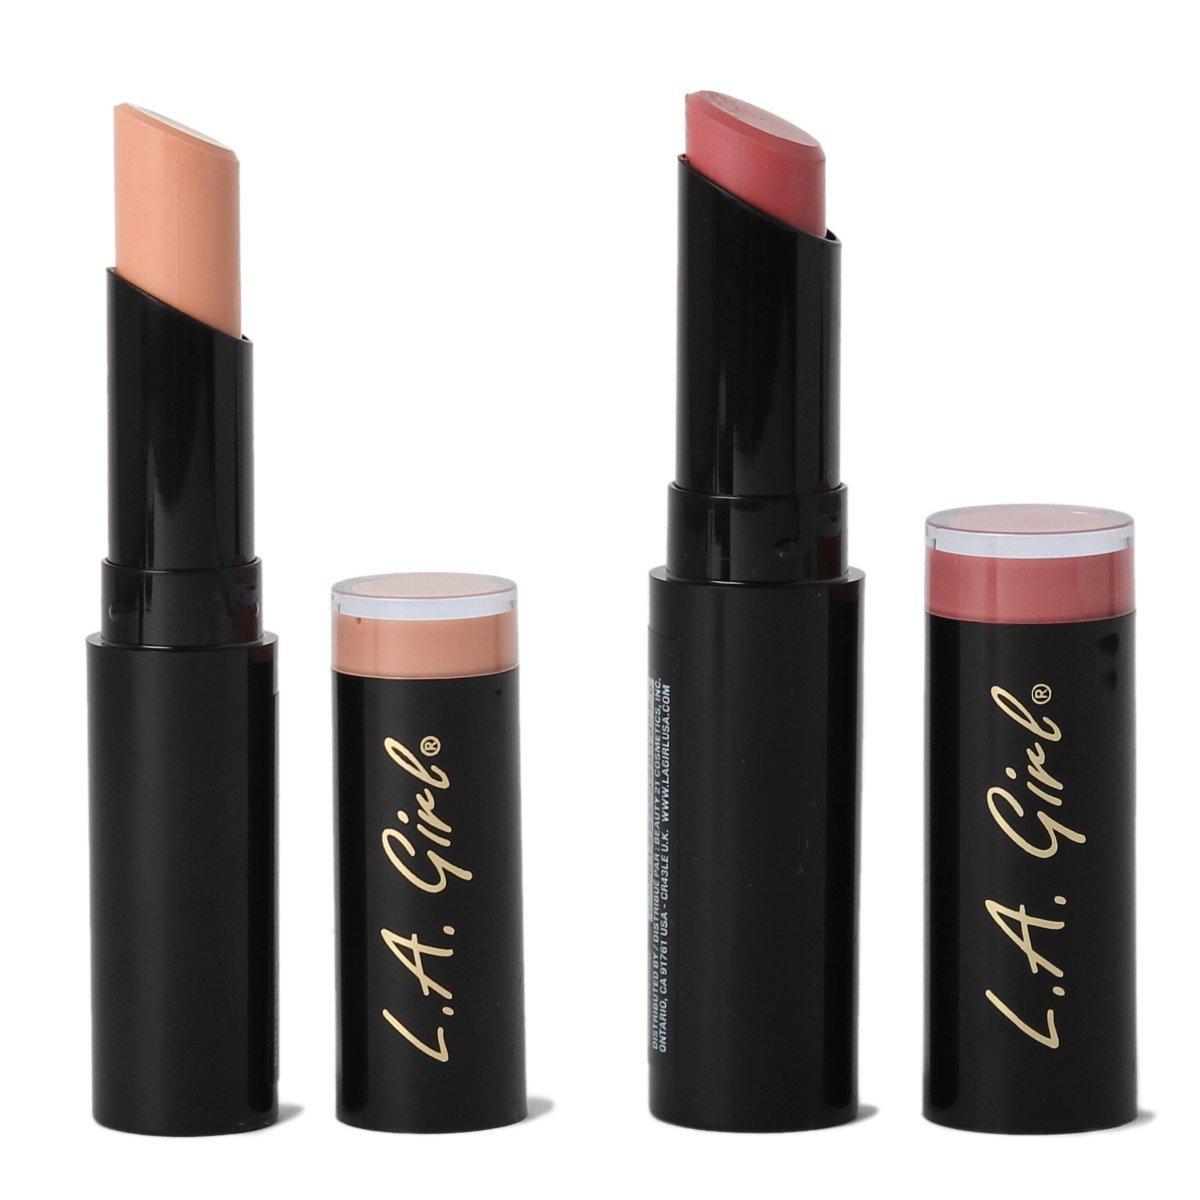 L.A. Girl Matte Flat Velvet Lipstick Pigment Makeup -Carried Away-Hush